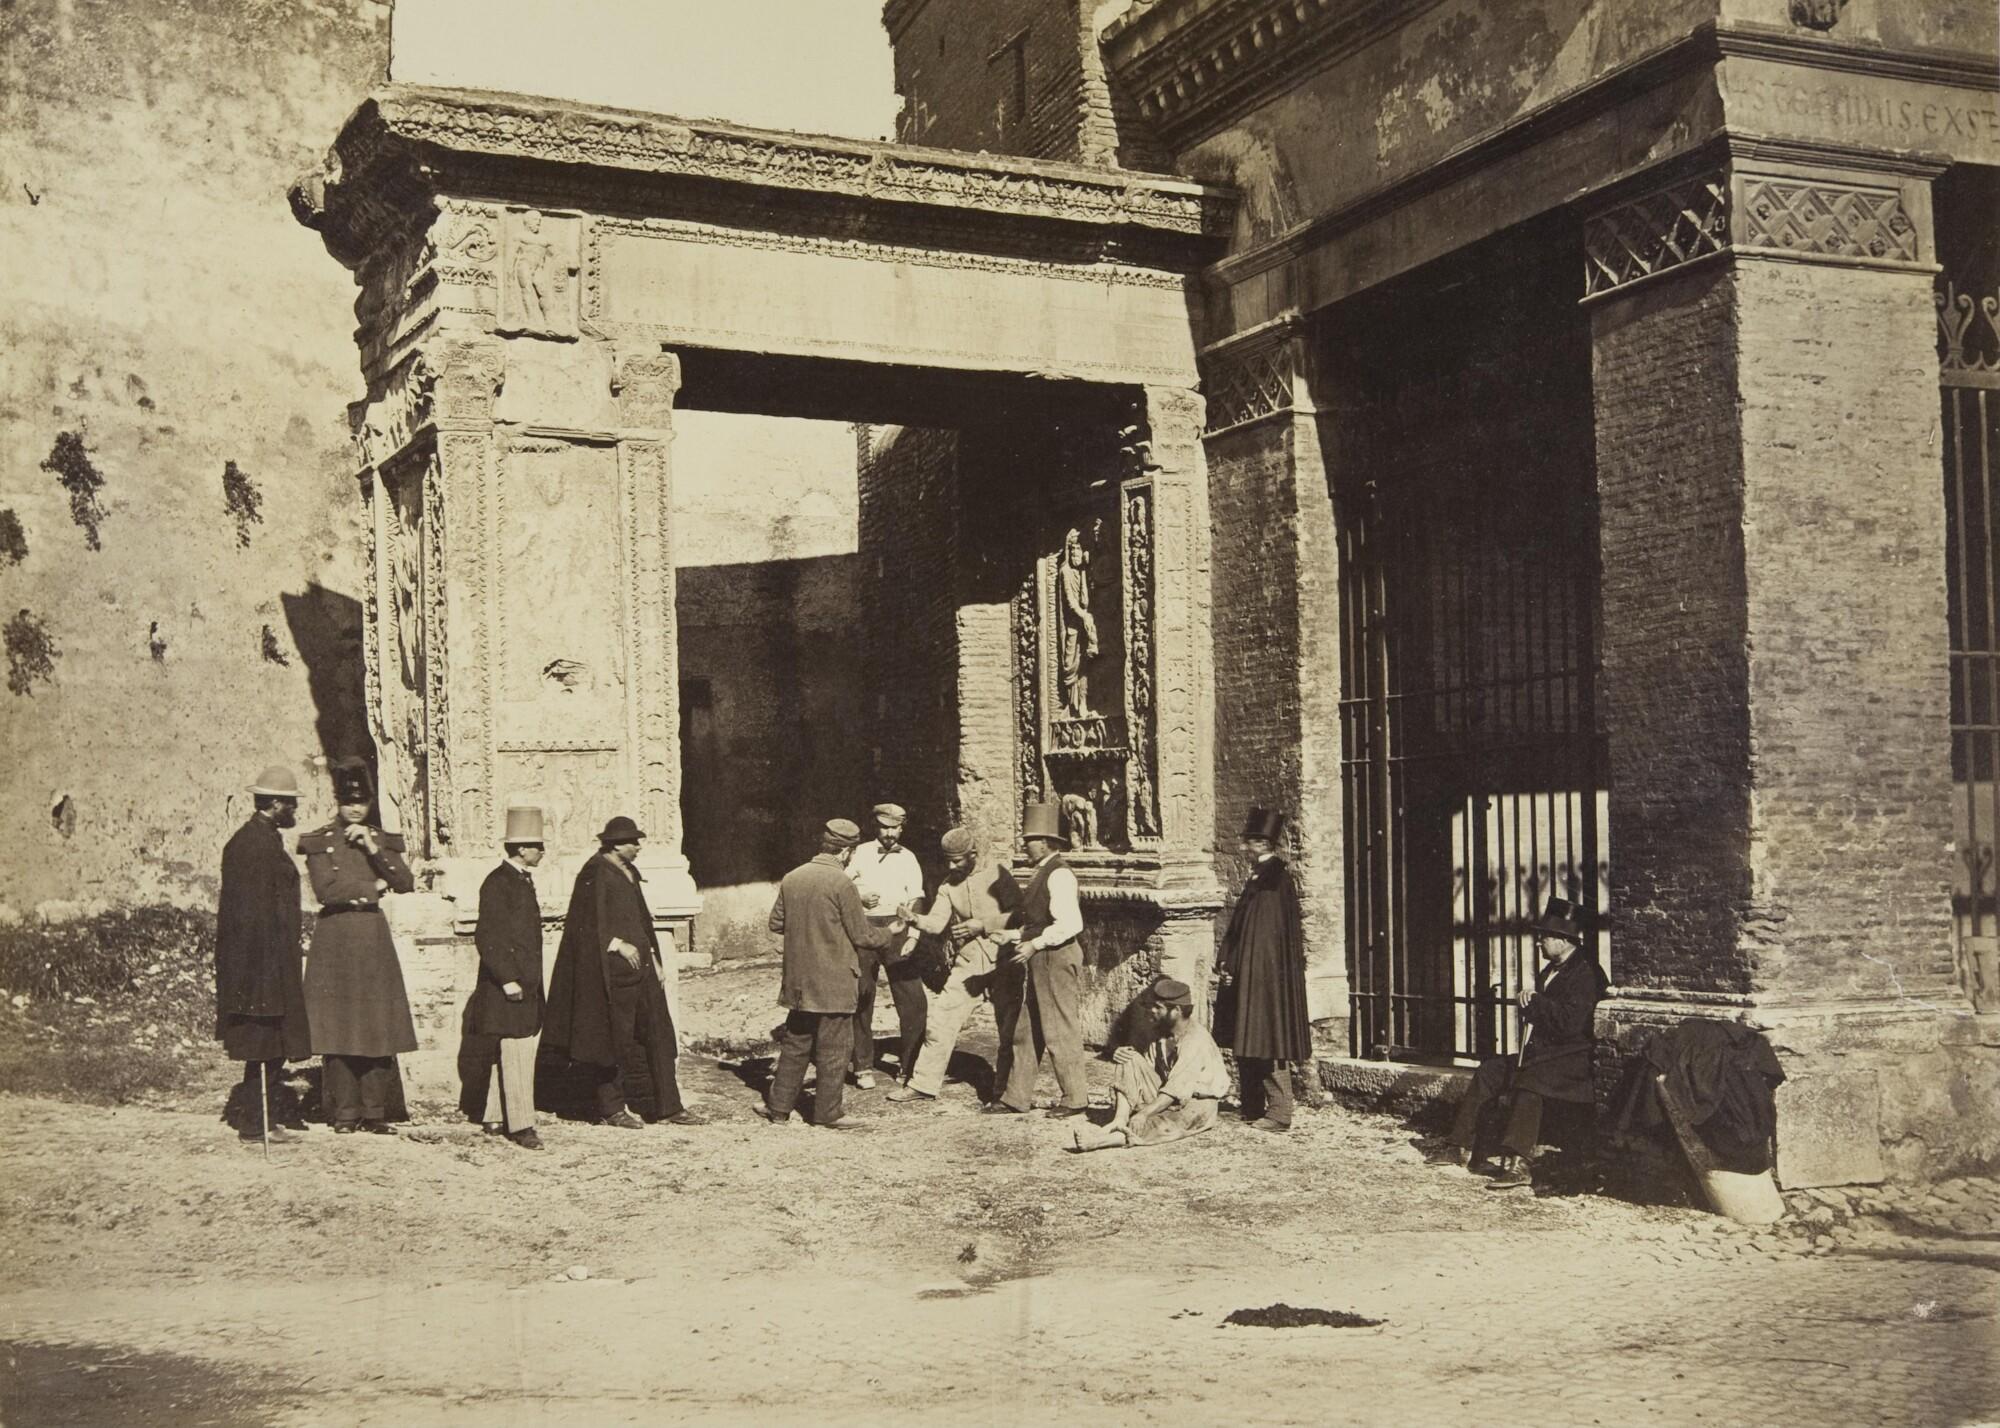 Альтобелли и Молинс.    Игроки в морру перед Аркой Аргентариев, 1860–1870‑е   Альбуминовый отпечаток